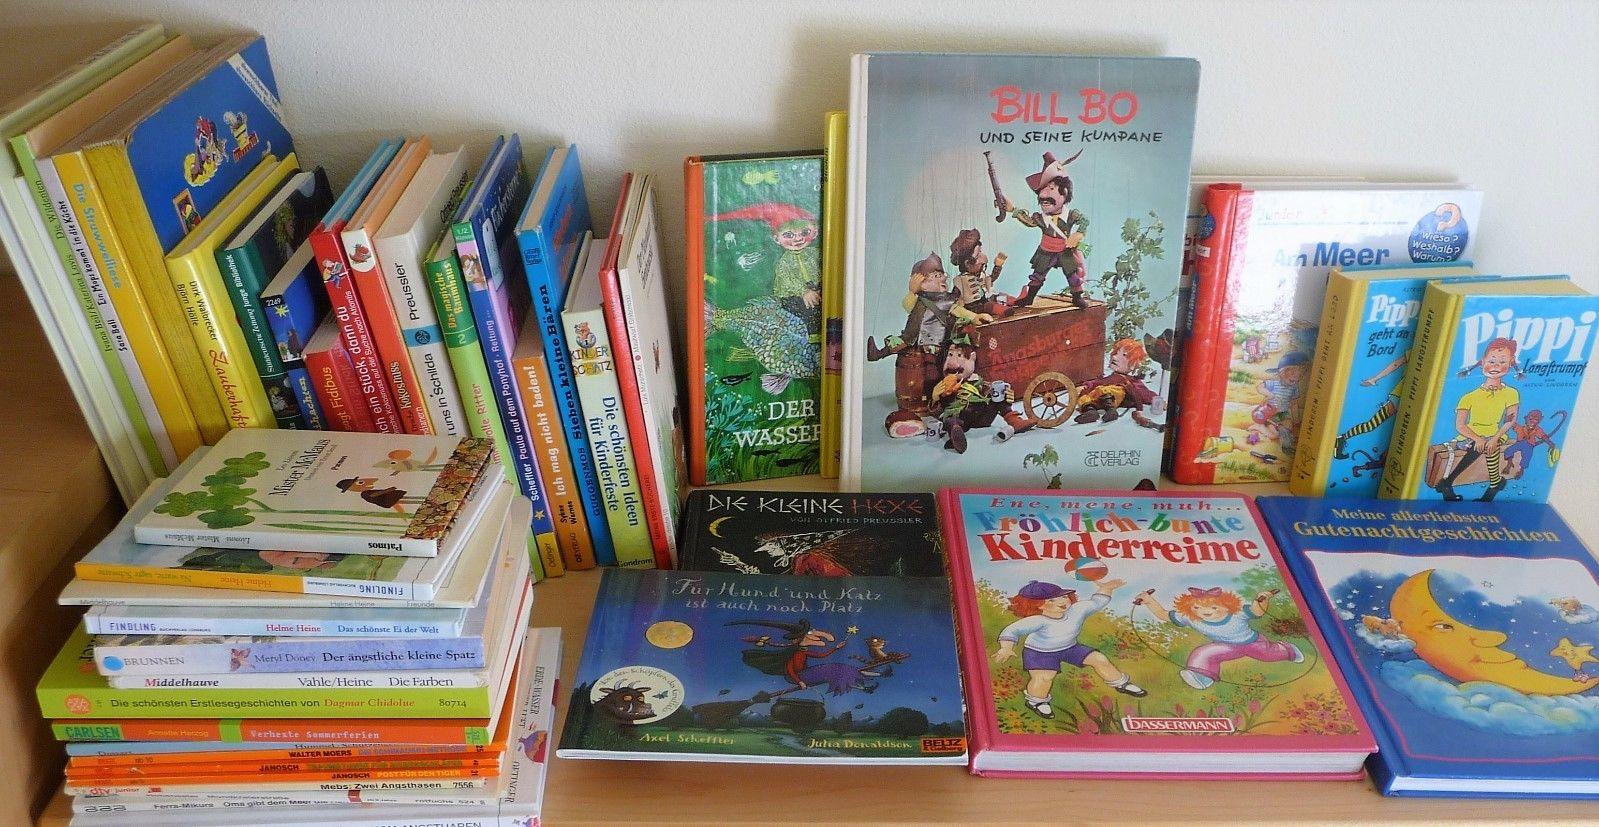 Paket mit 49 tollen Kinderbücher Drache Kokosnuss Preußler Helme Heine u.Andere